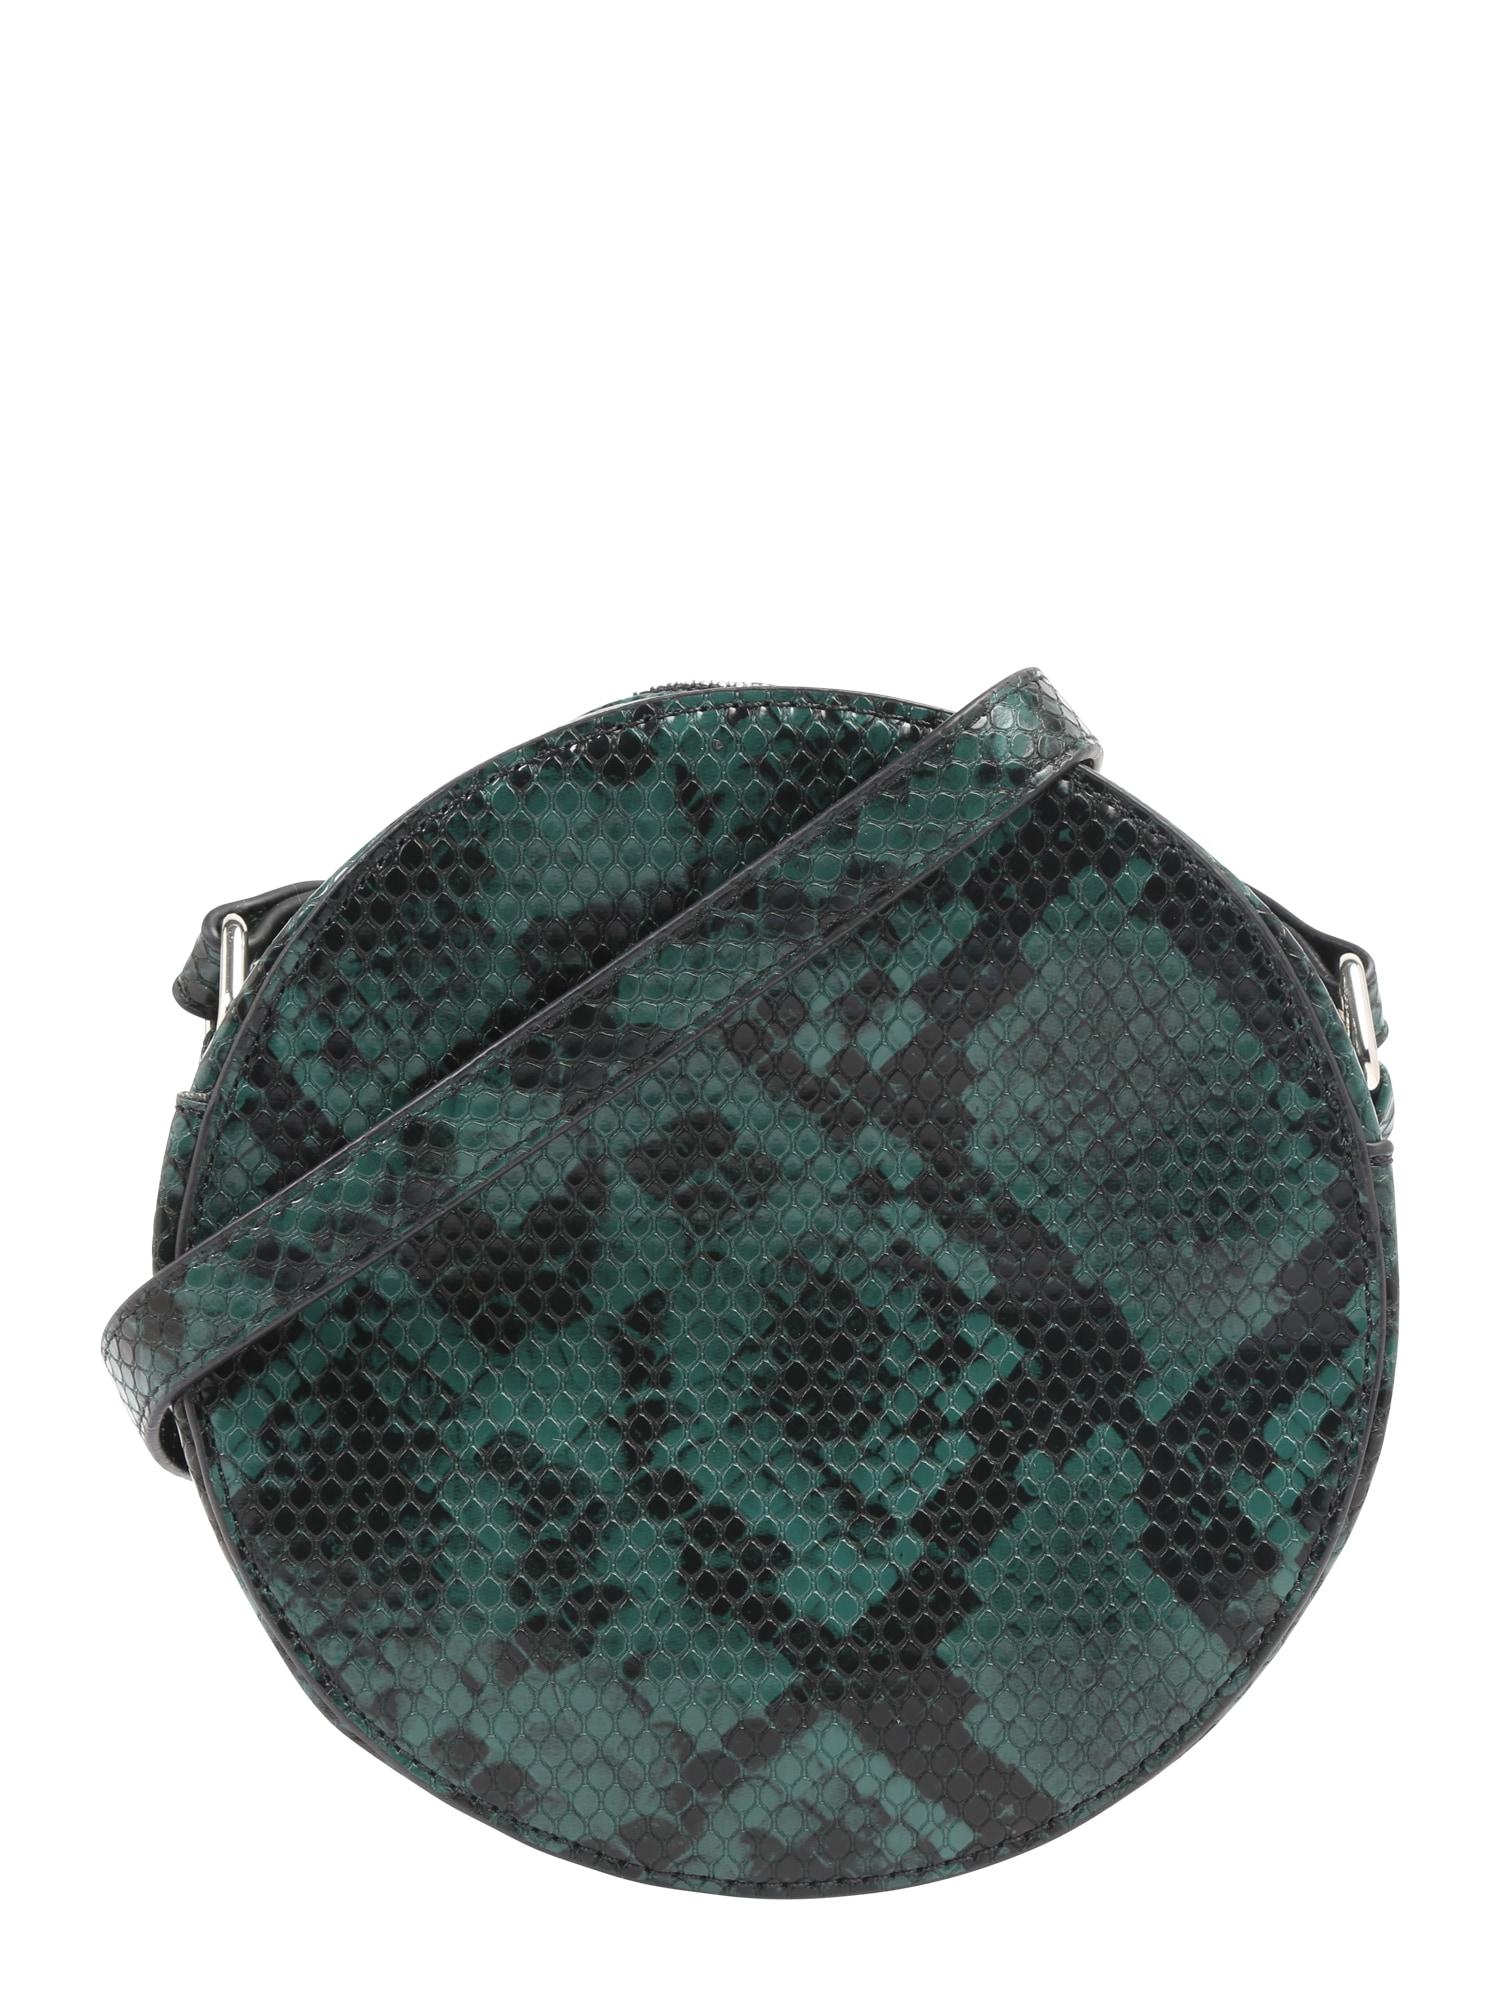 Taška přes rameno ADELLE zelená smaragdová OBJECT